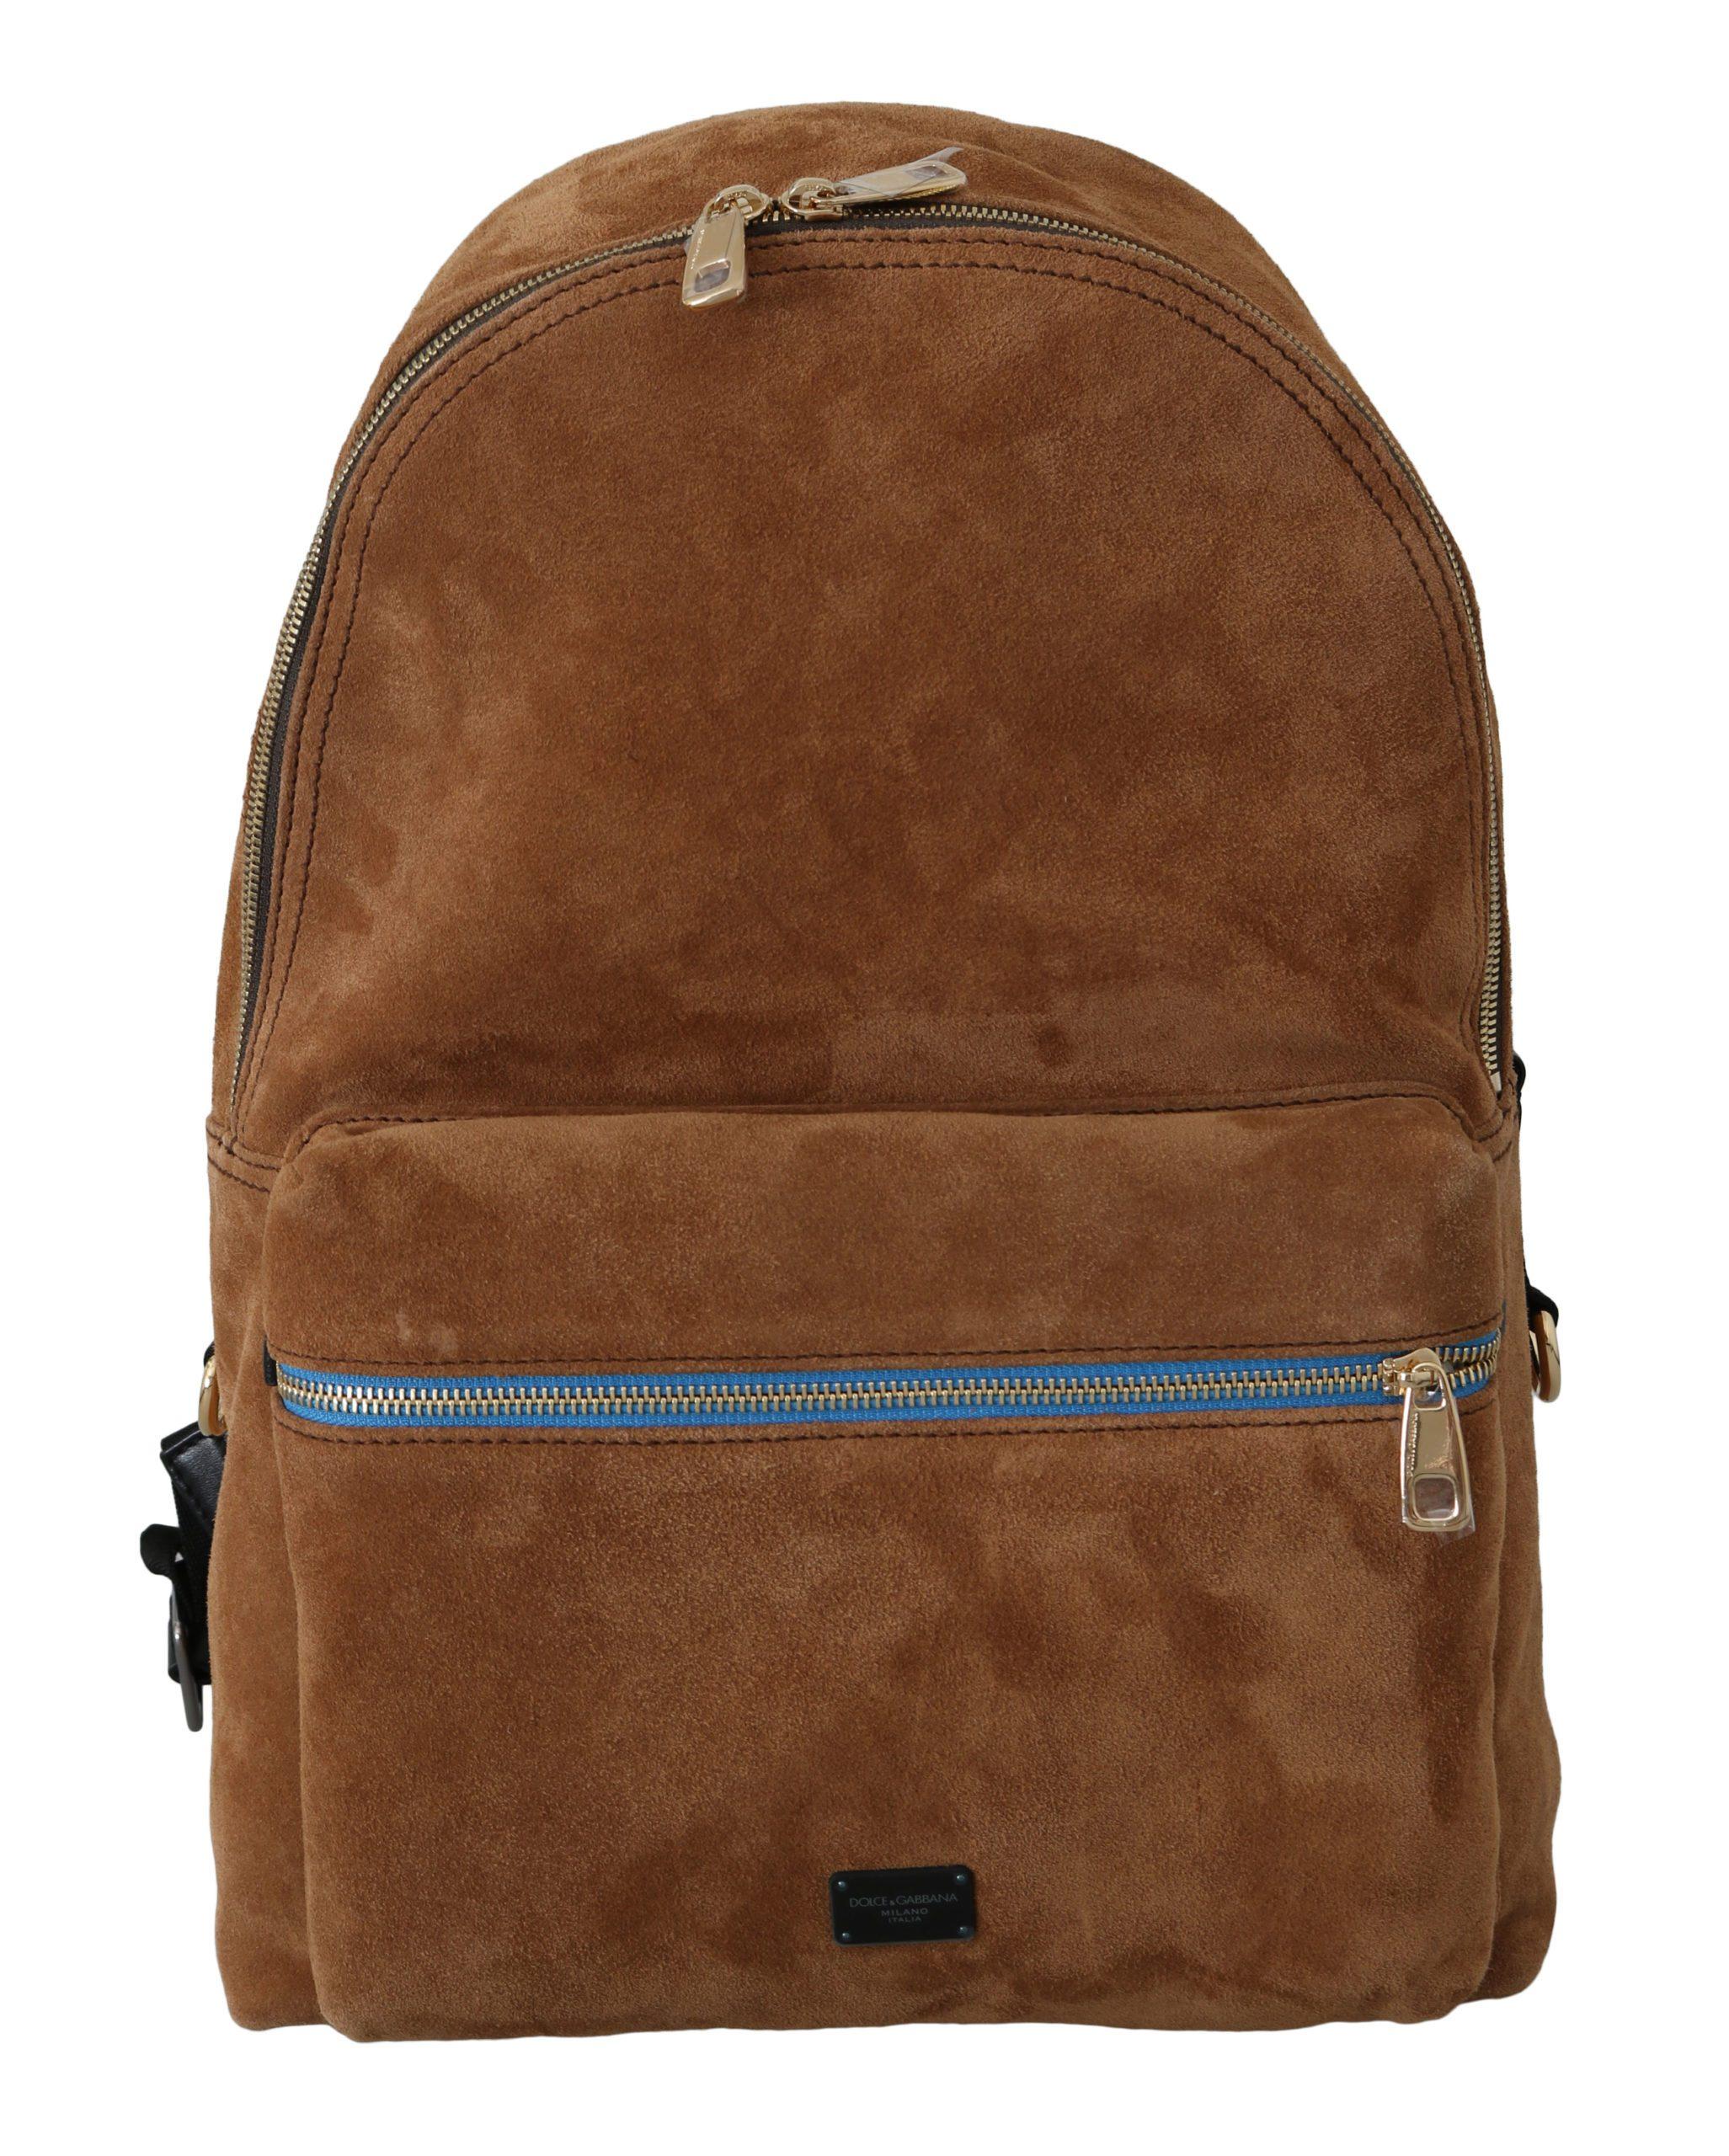 Dolce & Gabbana Men's Suede School Travel Backpack Brown VAS8840